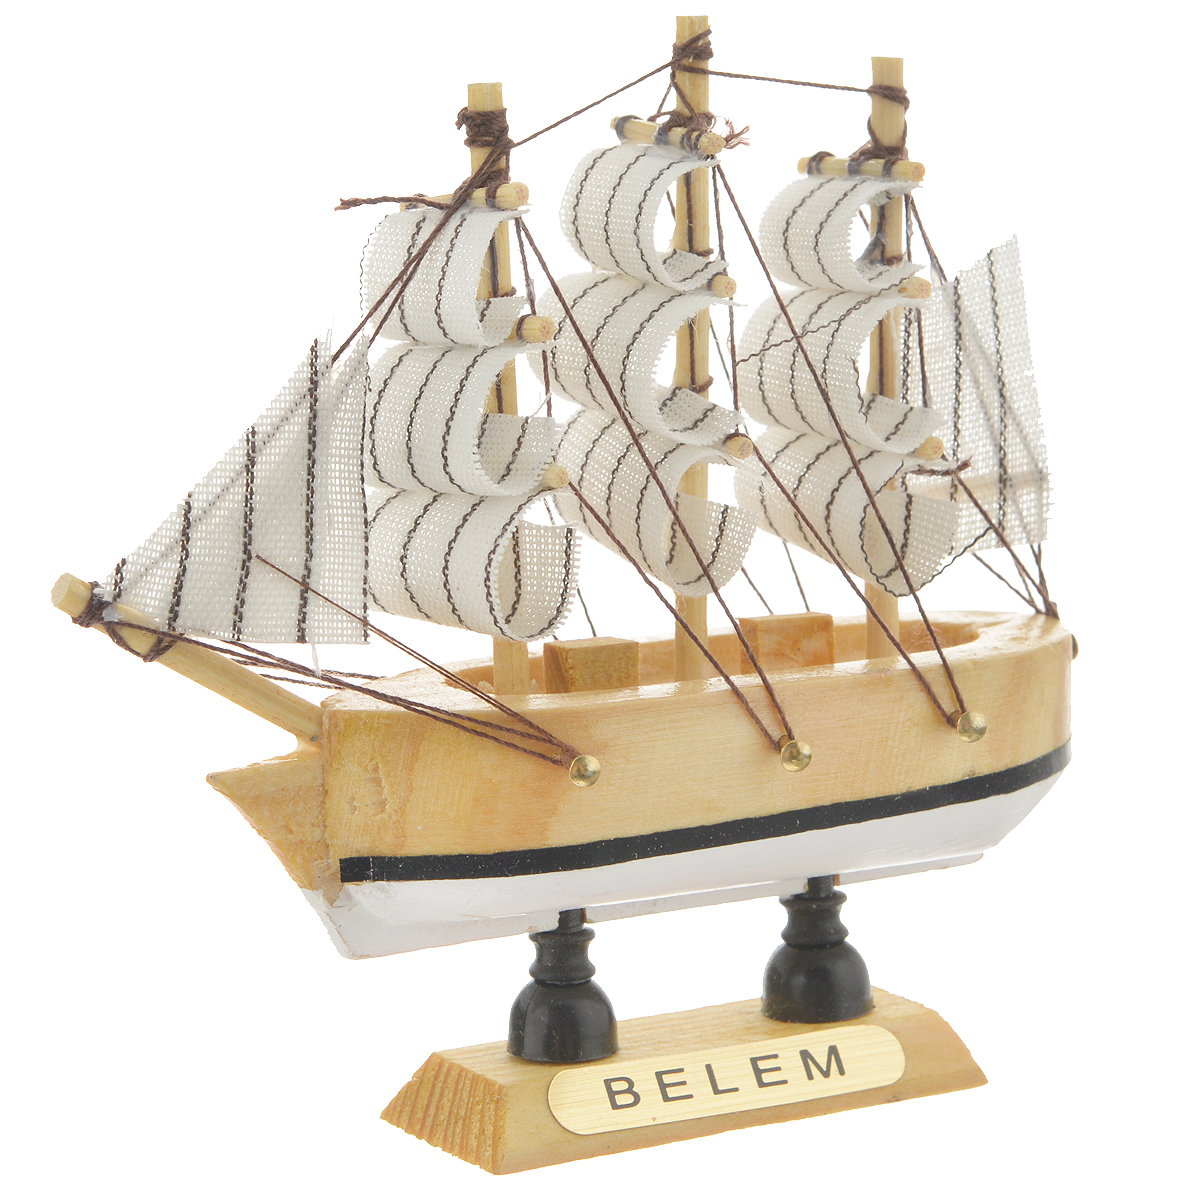 """Сувенирный корабль """"Belem"""", изготовленный из дерева и текстиля, это великолепный элемент декора рабочей зоны в офисе или кабинете. Корабль с парусами помещен на деревянную подставку. Время идет, и мы становимся свидетелями развития технического прогресса, новых учений и практик. Но одно не подвластно времени - это любовь человека к морю и кораблям. Сувенирный корабль наполнен историей и силой океанских вод. Данная модель кораблика станет отличным подарком для всех любителей морей, поклонников историй о покорении океанов и неизведанных земель. Модель корабля - подарок со смыслом. Издавна на Руси считалось, что корабли приносят удачу и везение. Поэтому их изображения, фигурки и точные копии всегда присутствовали в помещениях. Удивите себя и своих близких необычным презентом."""